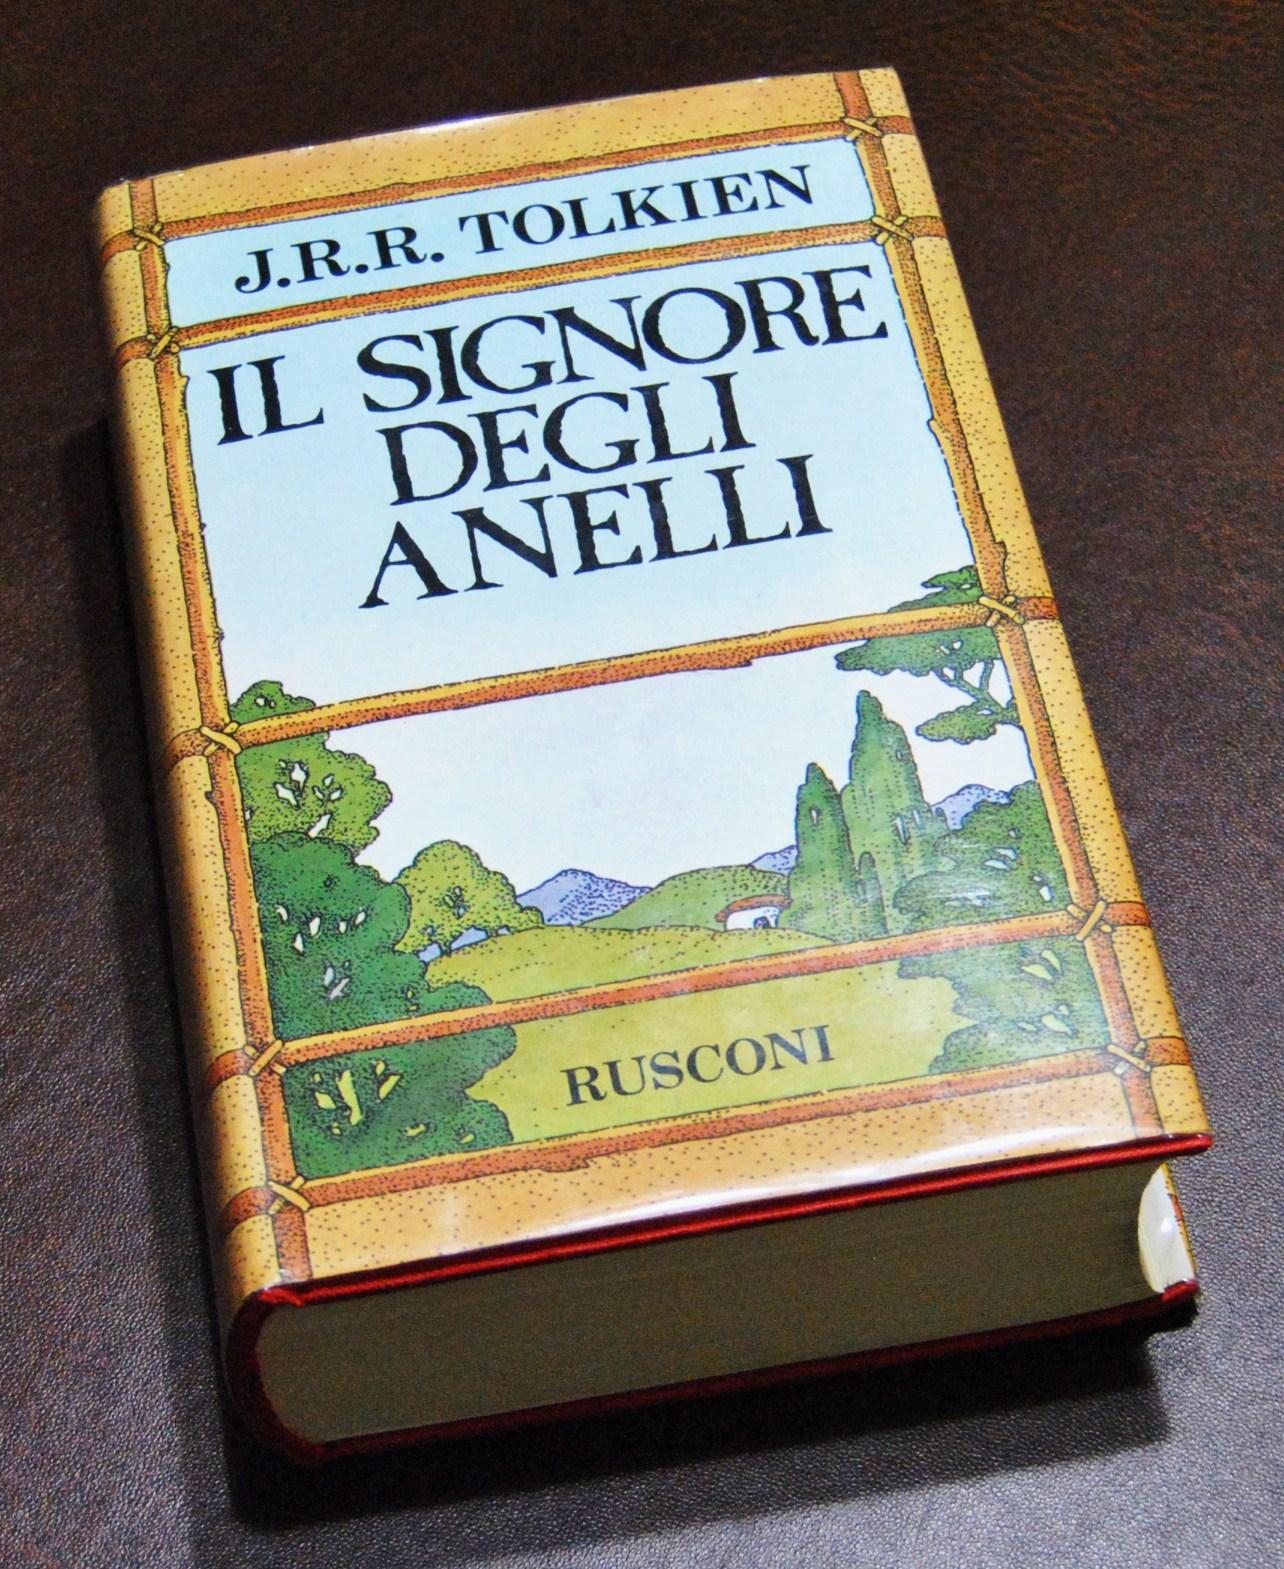 il-signore-degli-anelli-prima-edizione-italiana-firmata-da-piero-crida-rusconi-1977